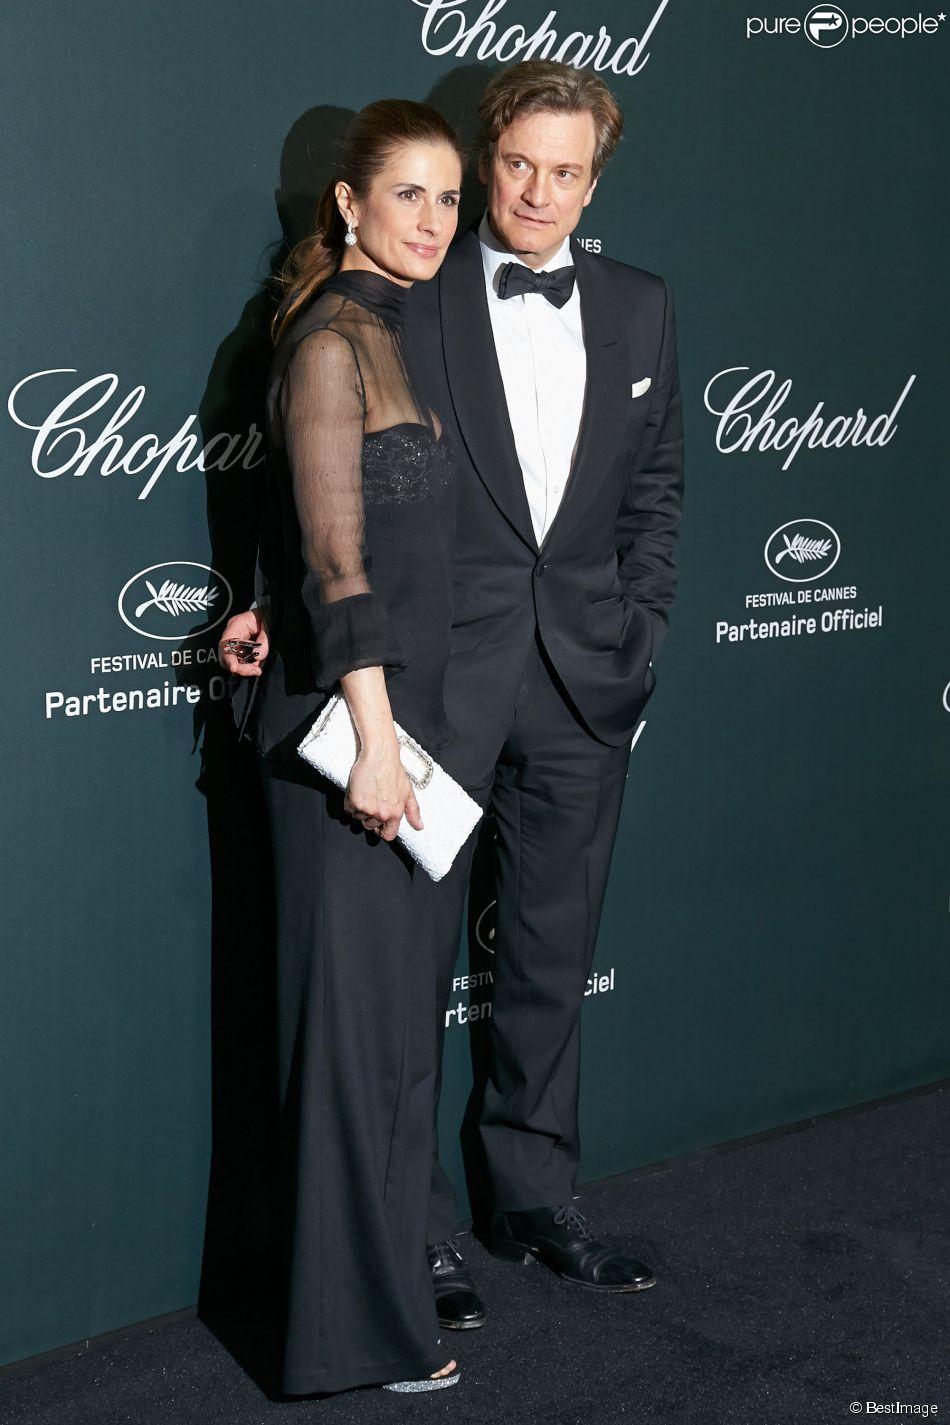 Colin Firth et sa femme Livia - Photocall de la soirée Chopard à l'aérodrome de Cannes-Mandelieu lors du 67e Festival de Cannes le 19 mai 2014